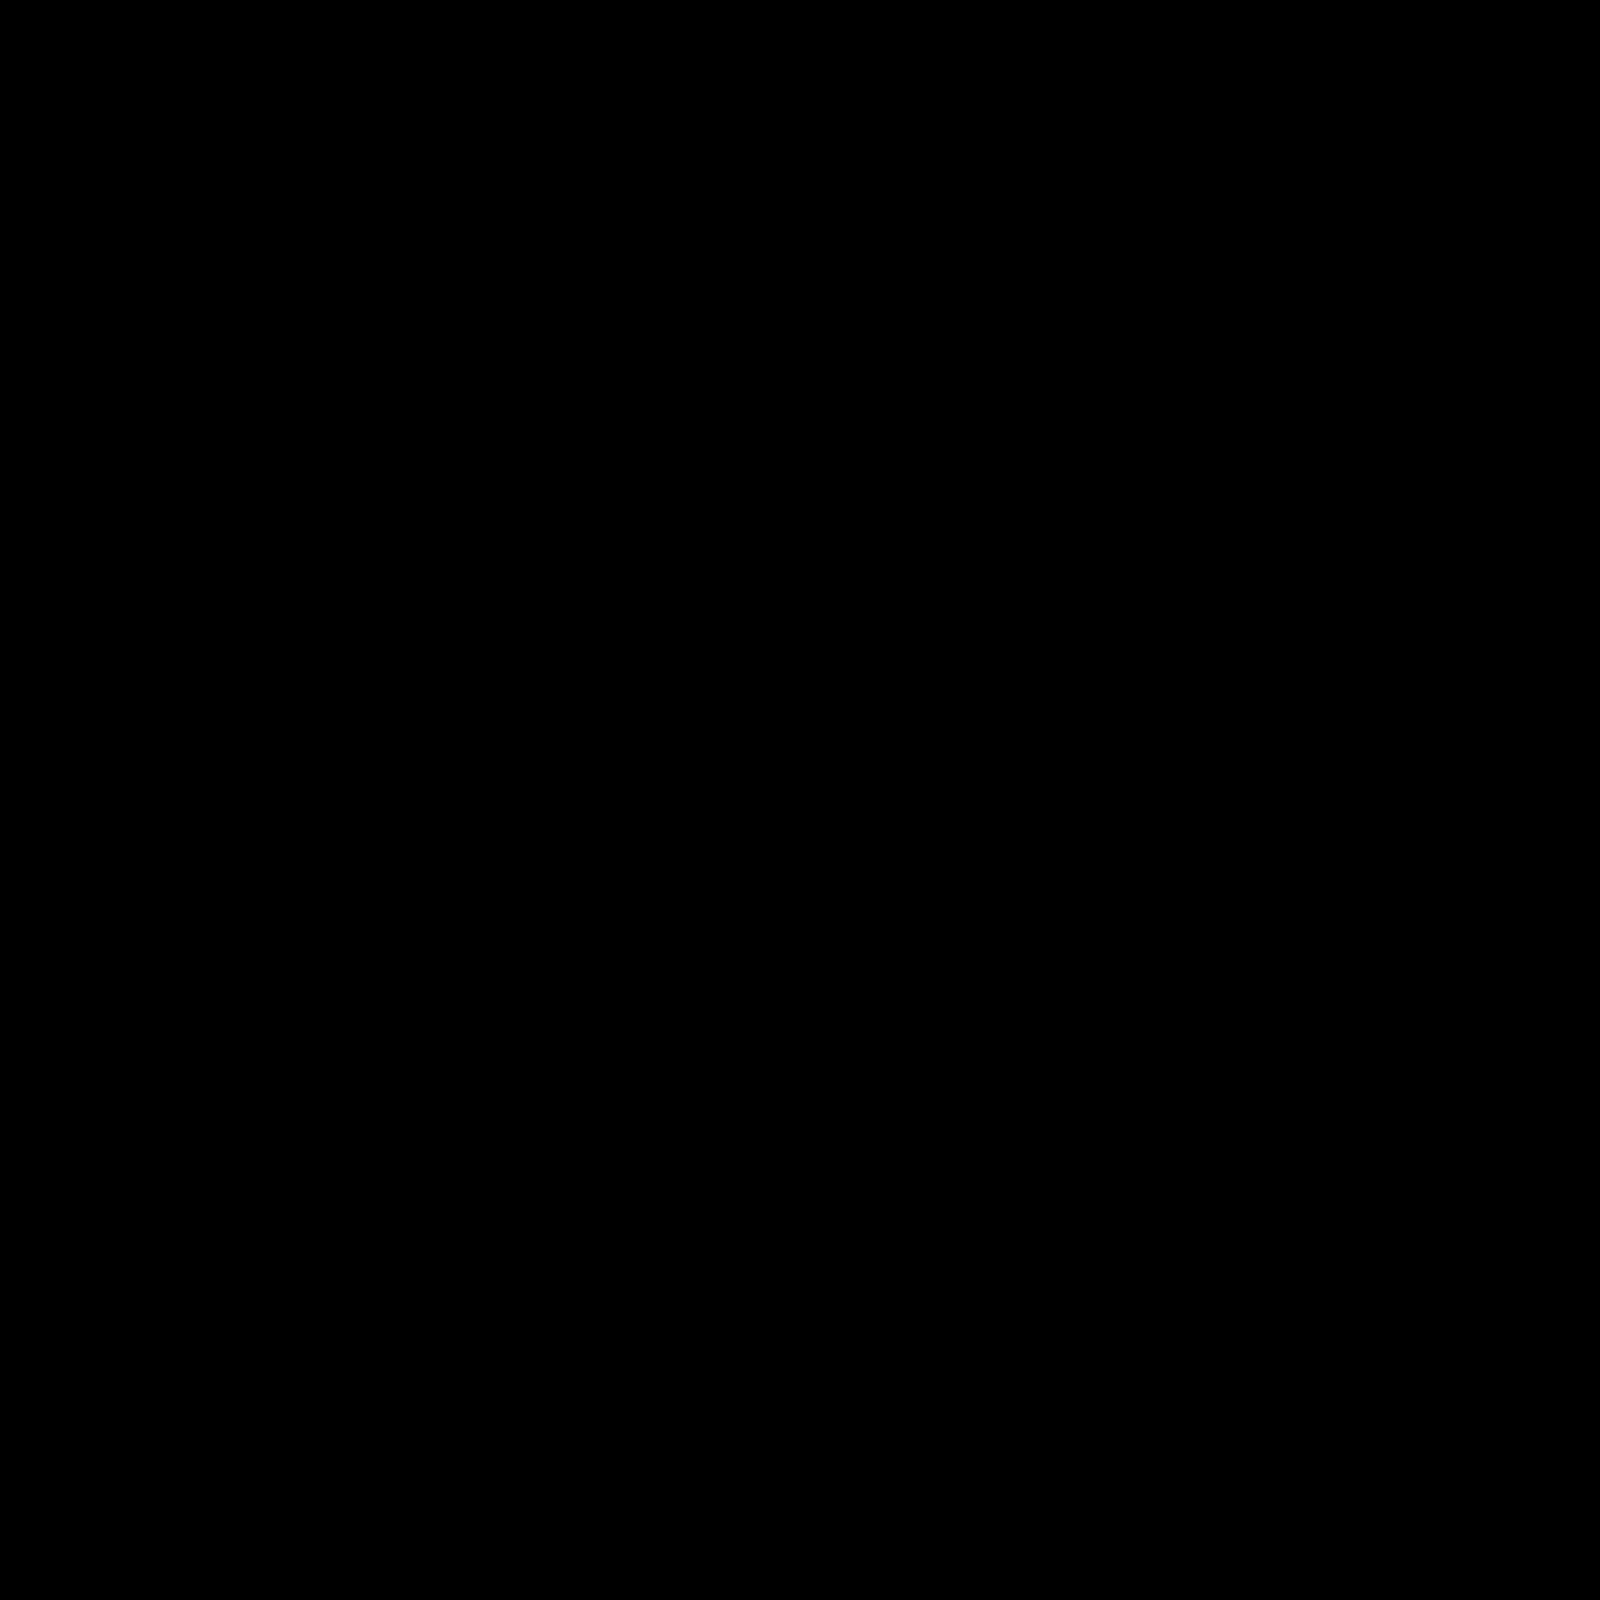 丸0 icon